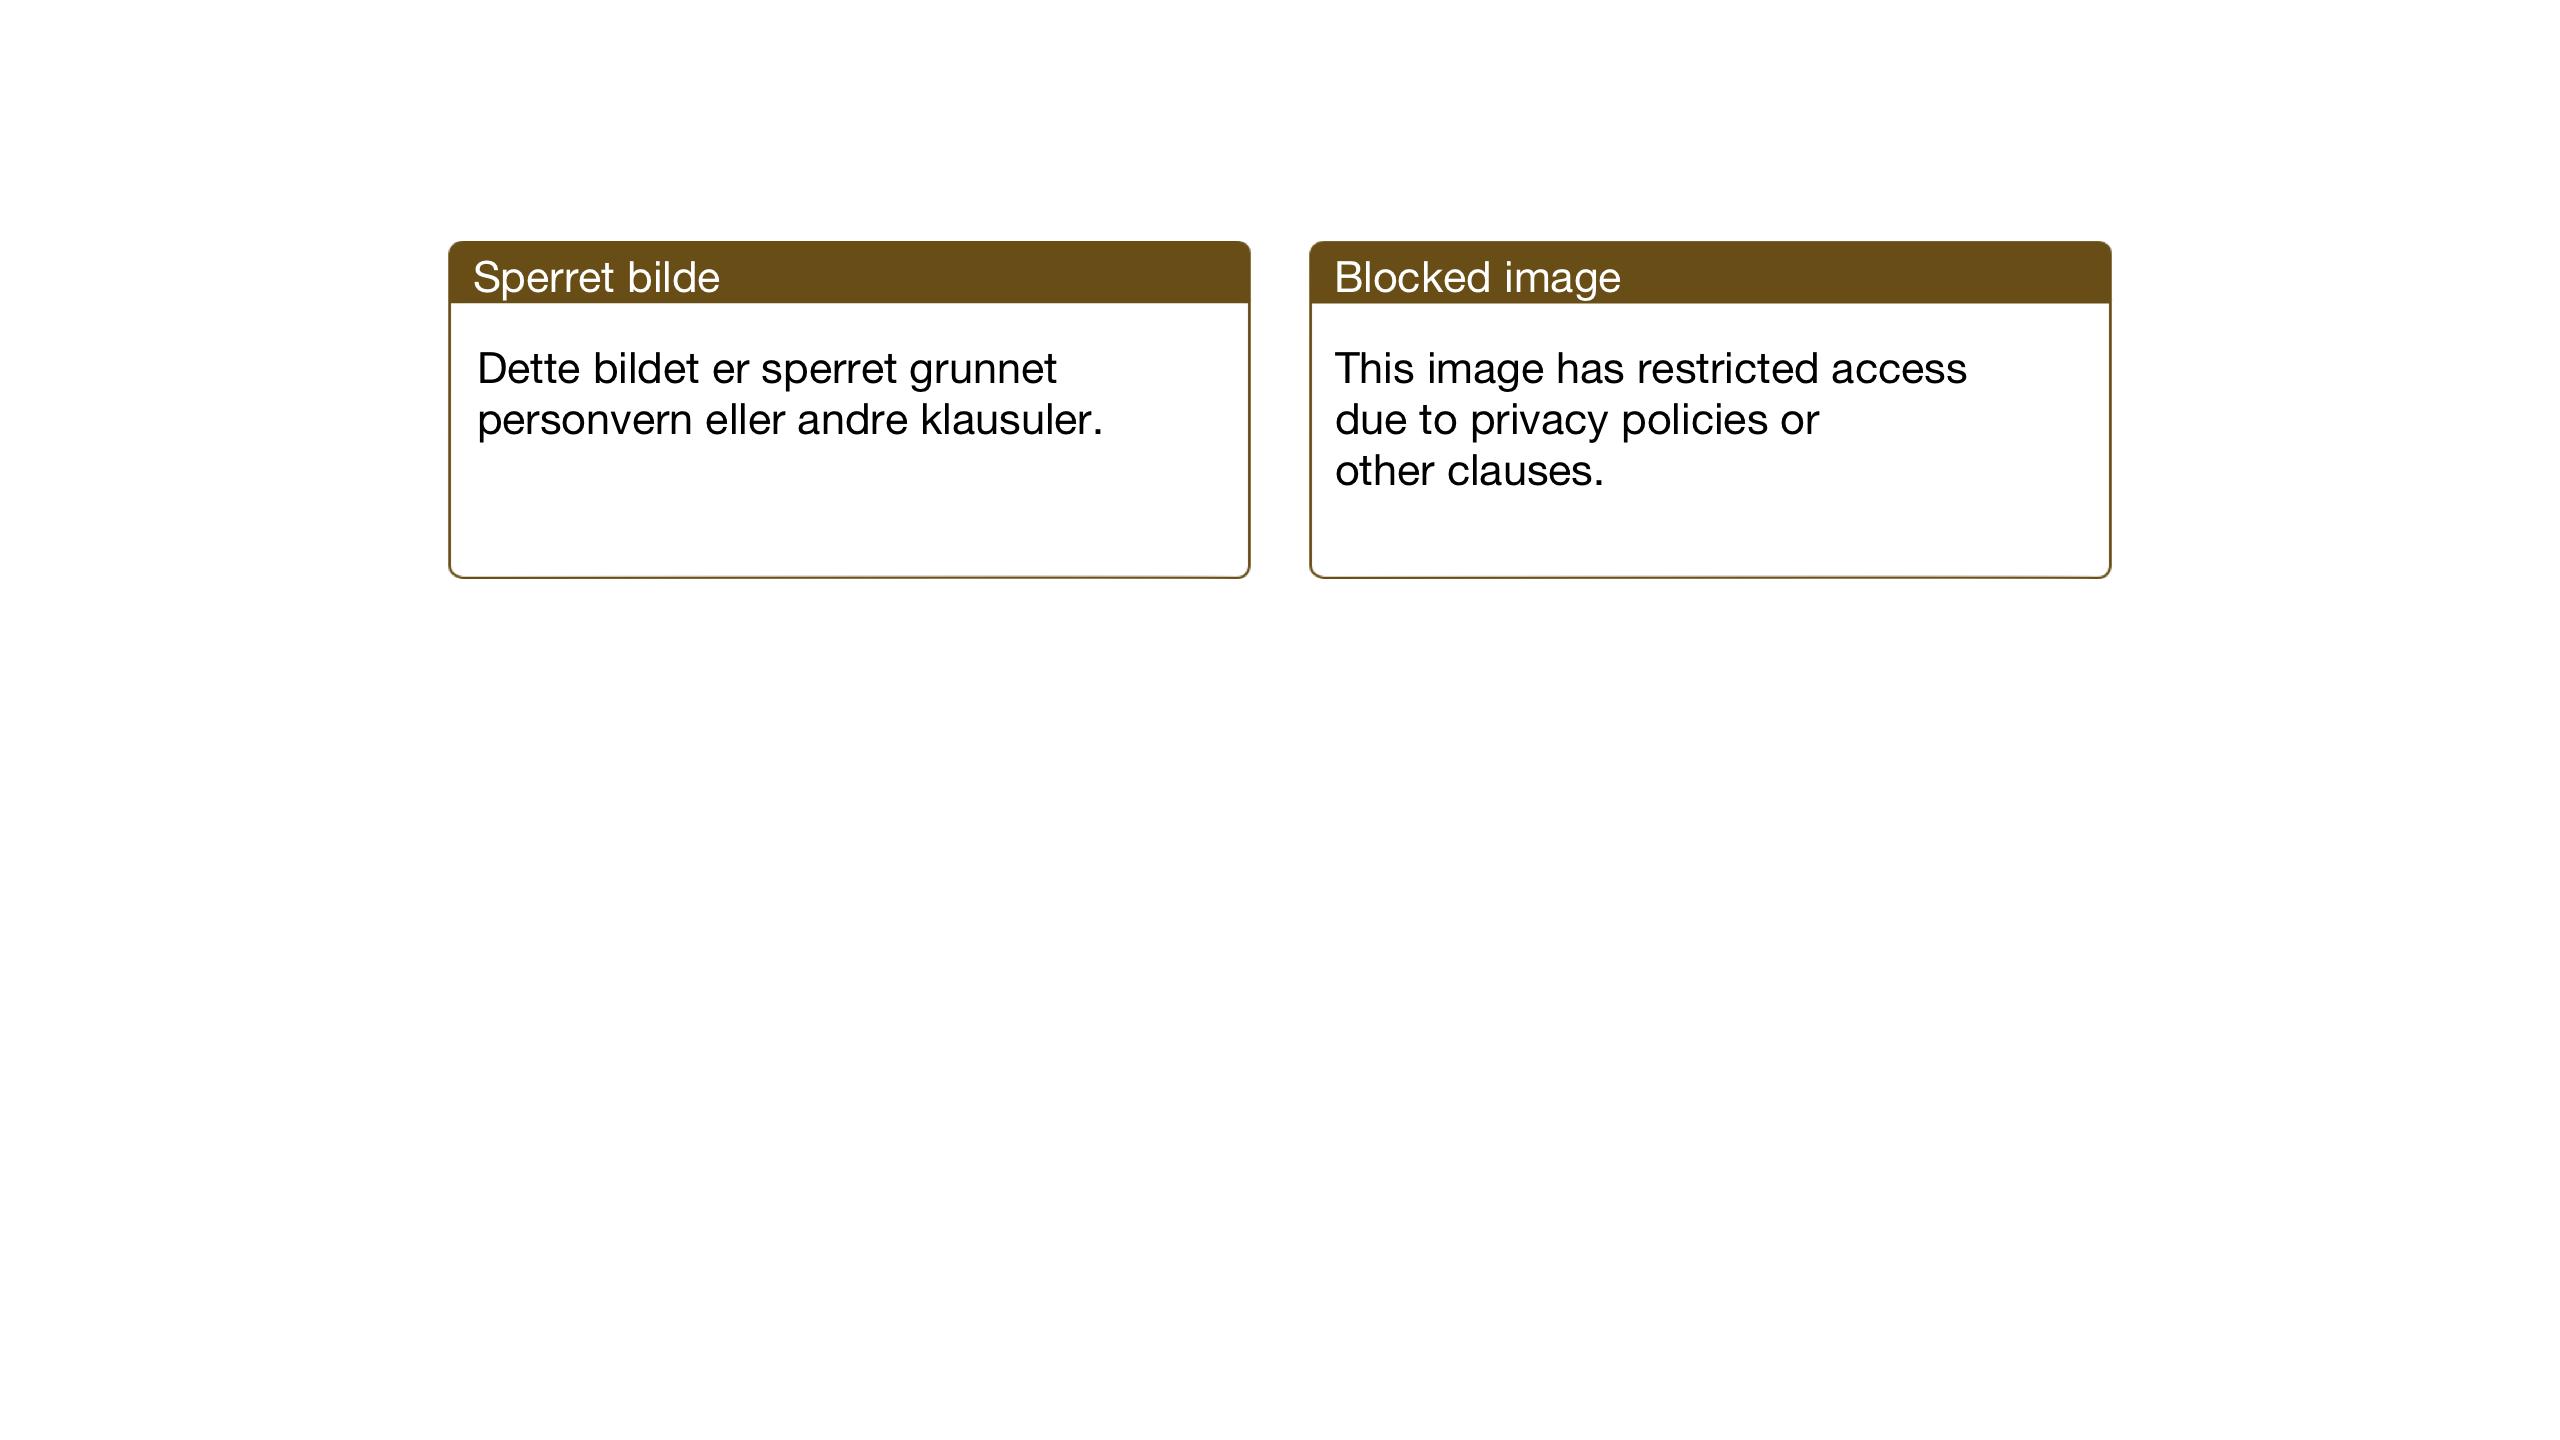 SAT, Ministerialprotokoller, klokkerbøker og fødselsregistre - Nord-Trøndelag, 744/L0425: Klokkerbok nr. 744C04, 1924-1947, s. 78